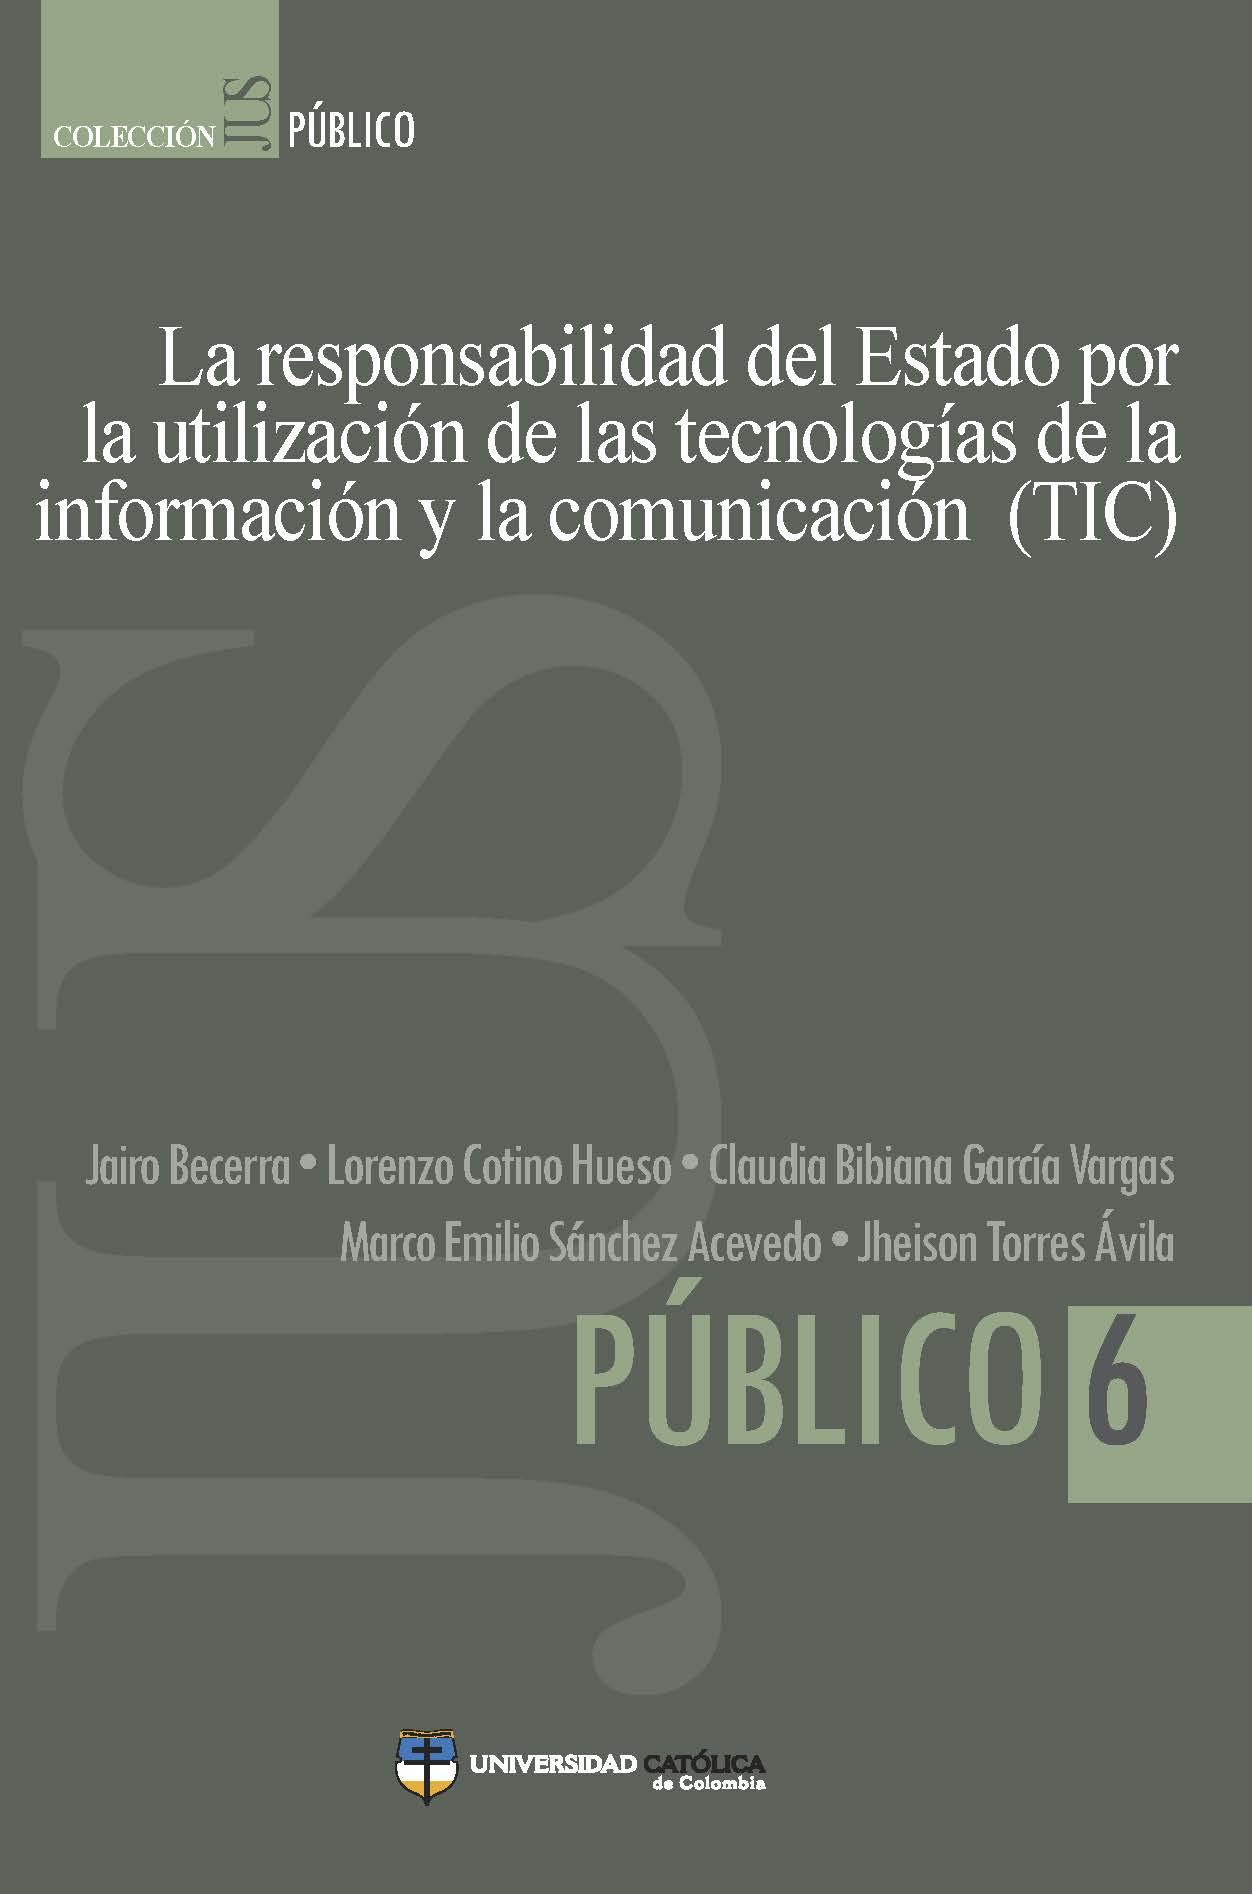 La responsabilidad del Estado por la utilización de tecnologías de la información y la Comunicación